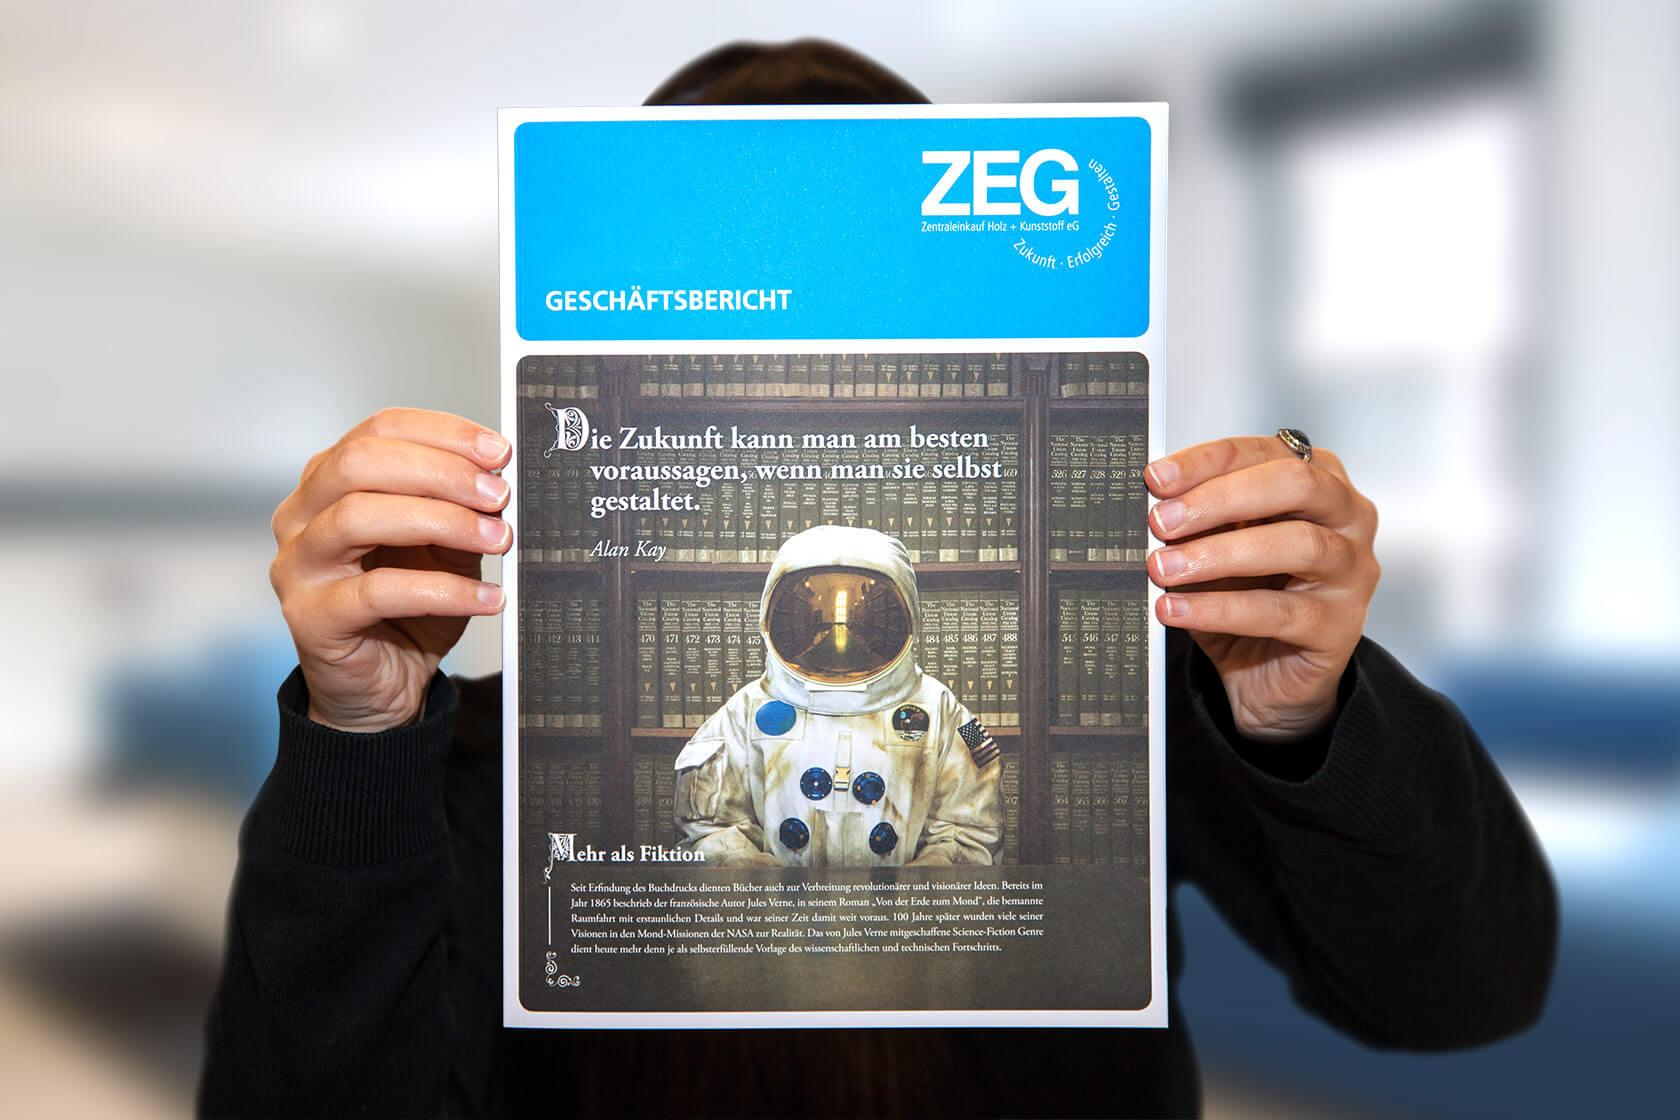 ZEG Geschäftsbericht – Cover